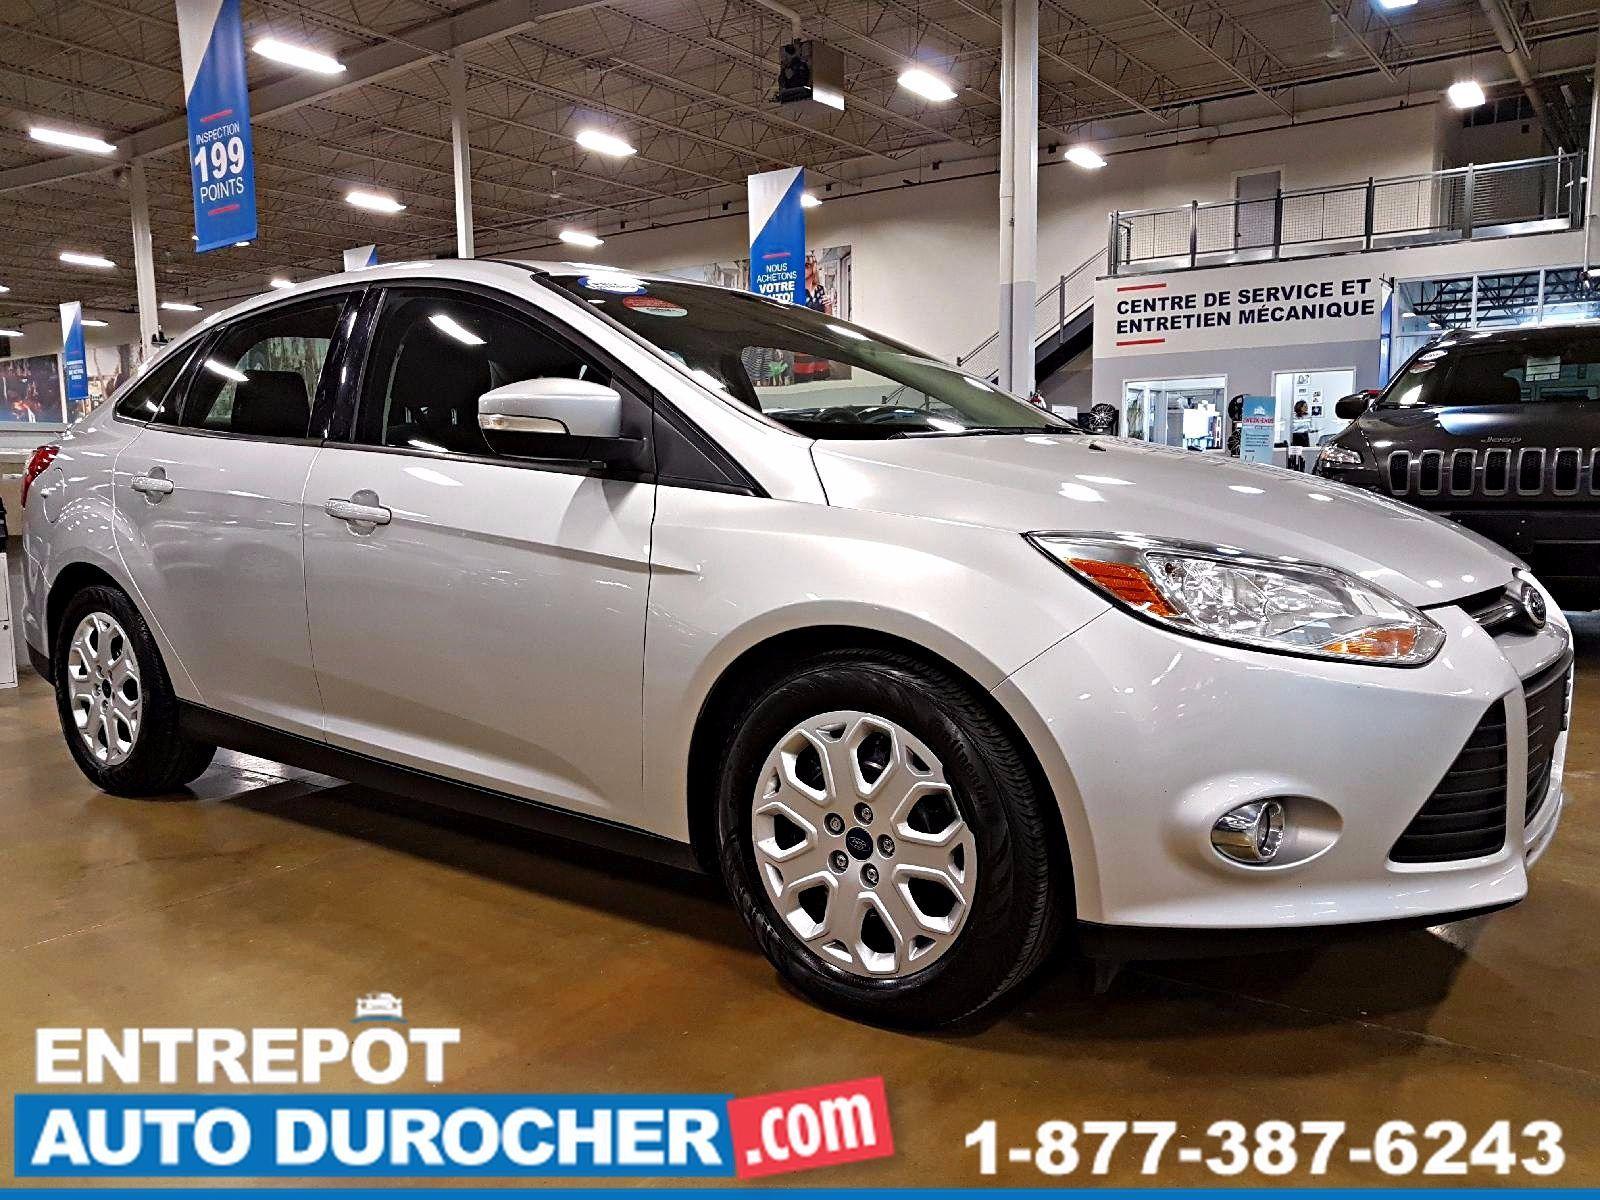 Ford Focus SE - AUTOMATIQUE - AIR CLIMATISÉ 2012